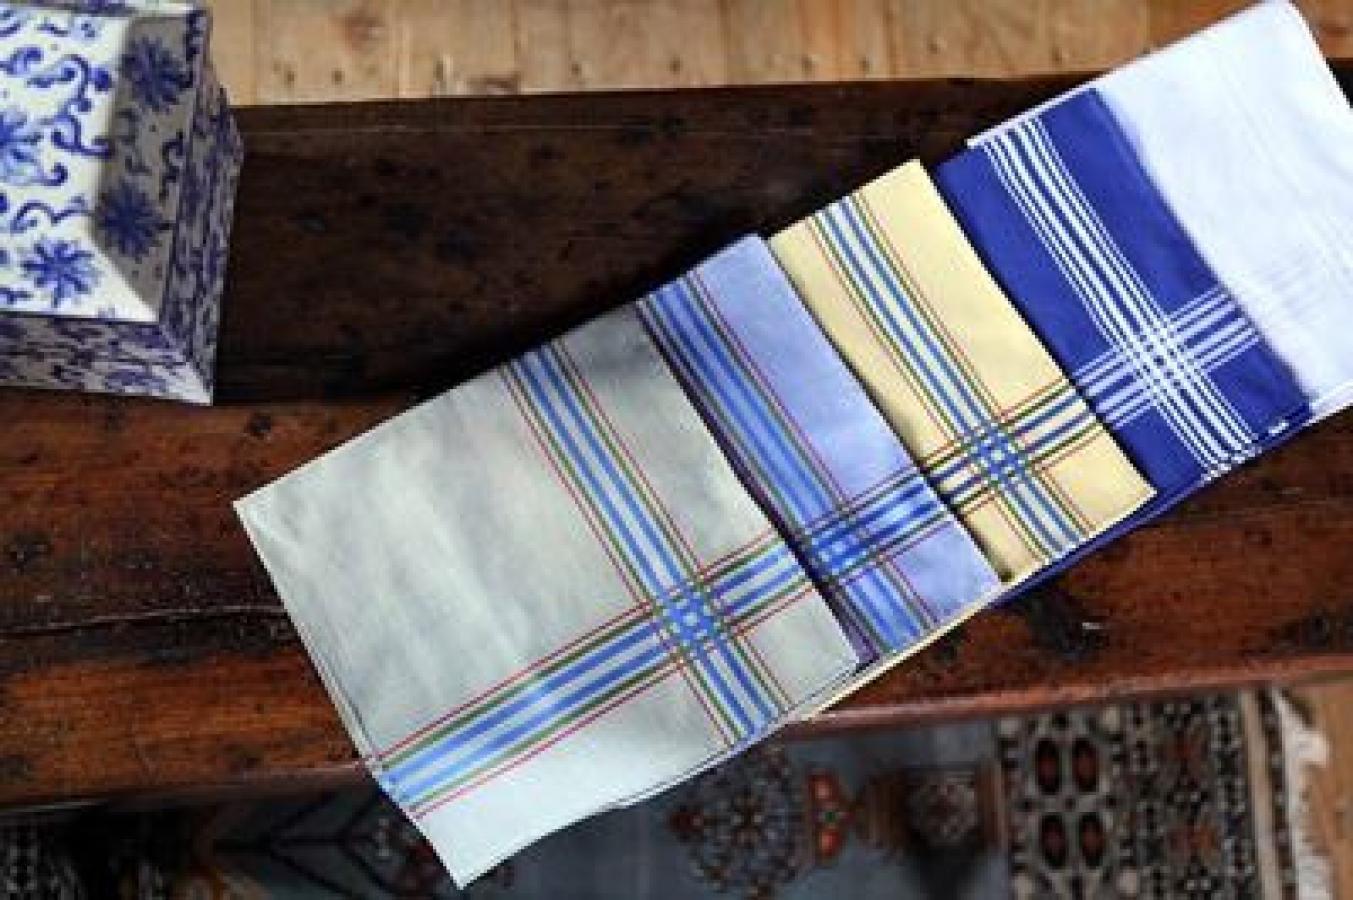 SIMONNOT-GODARD - Créateurs français de mouchoir en tissu, batiste de coton et linons de luxe.